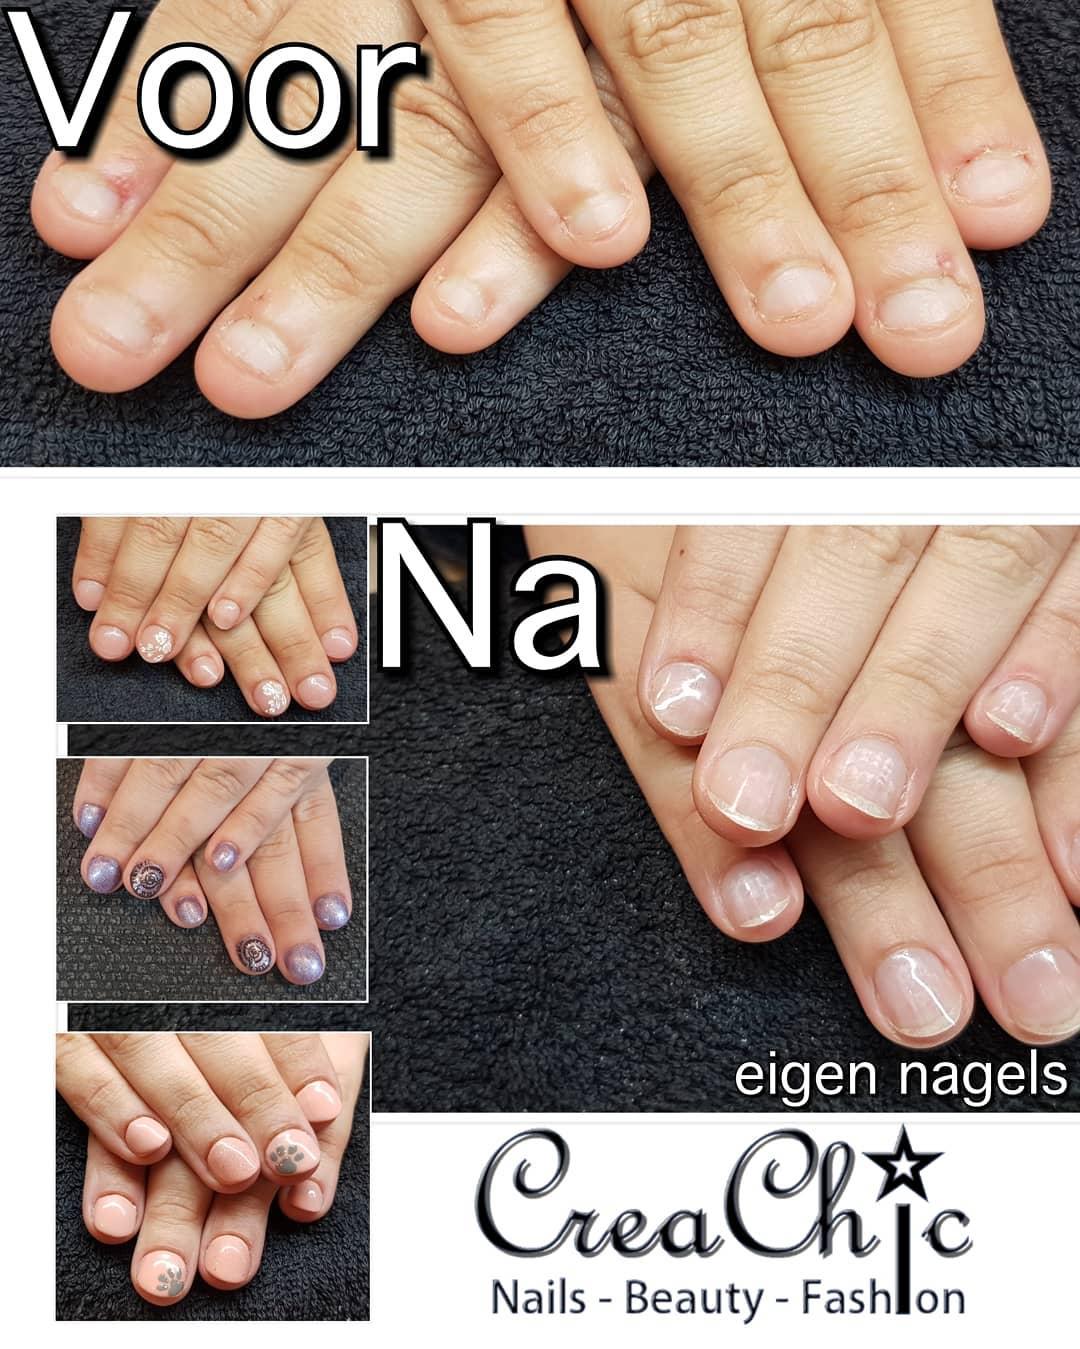 creachic-nagelbijten-nagelbijtarrangement